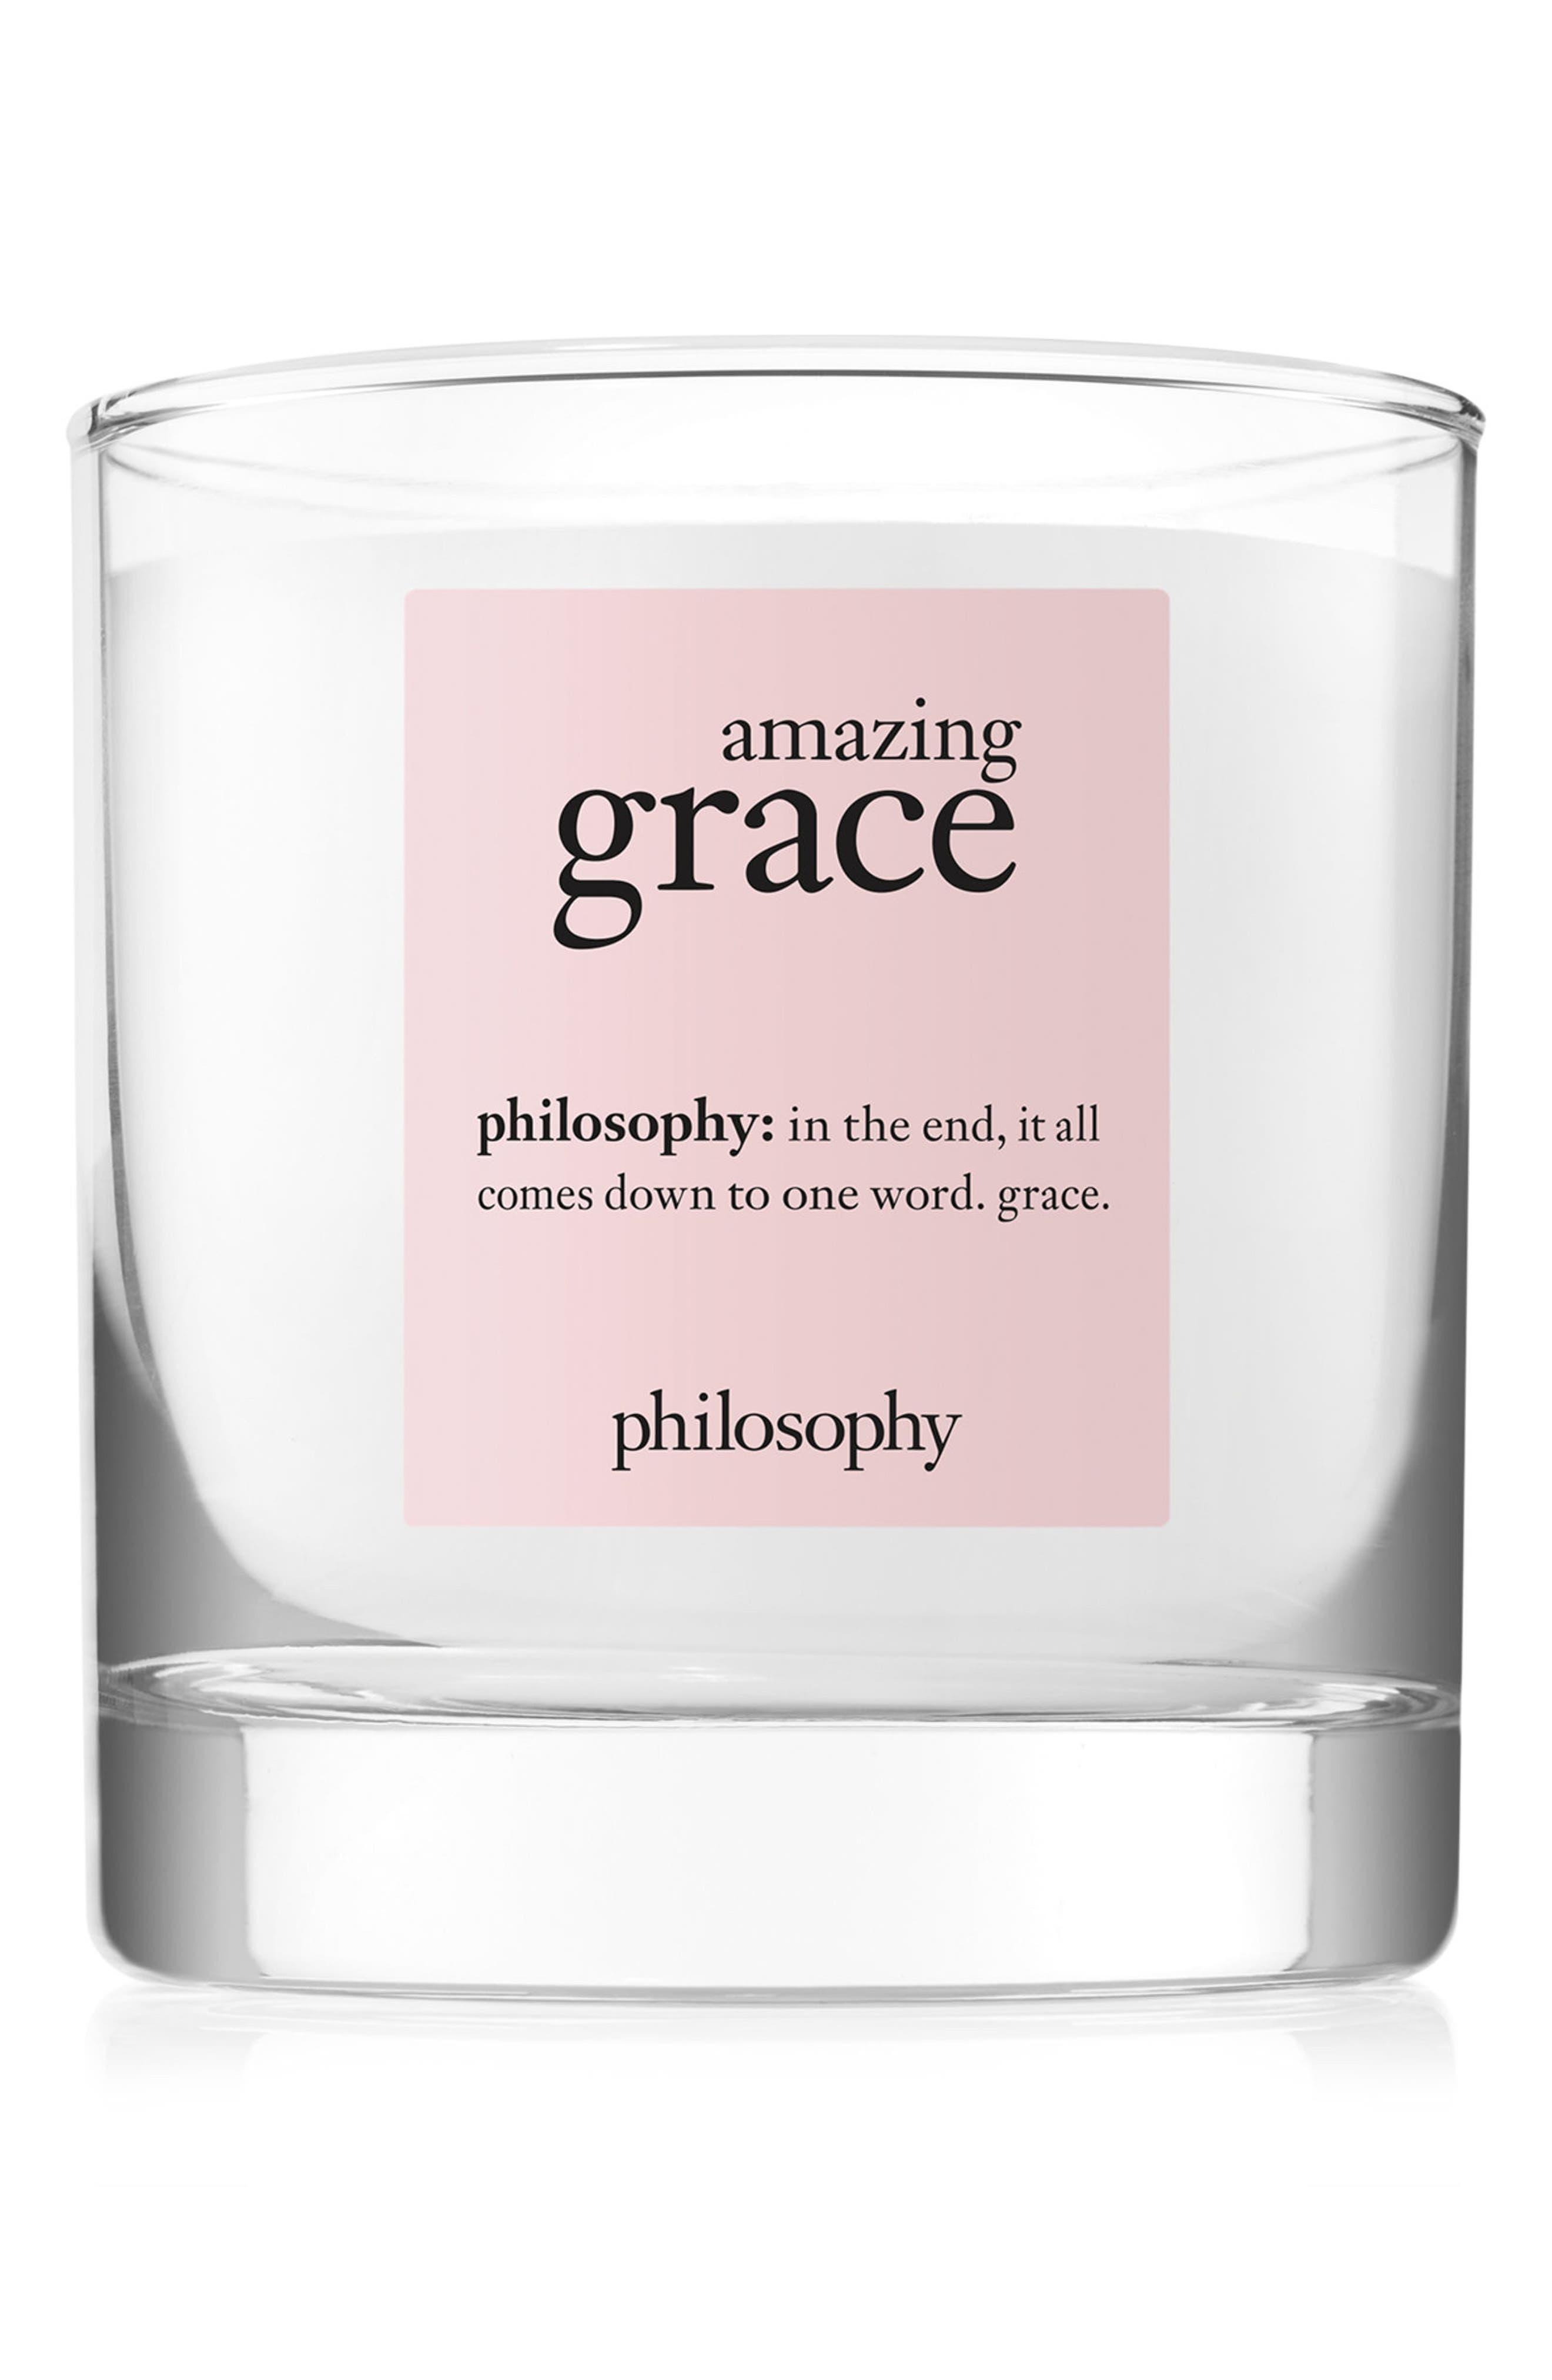 philosophy amazing grace medium candle